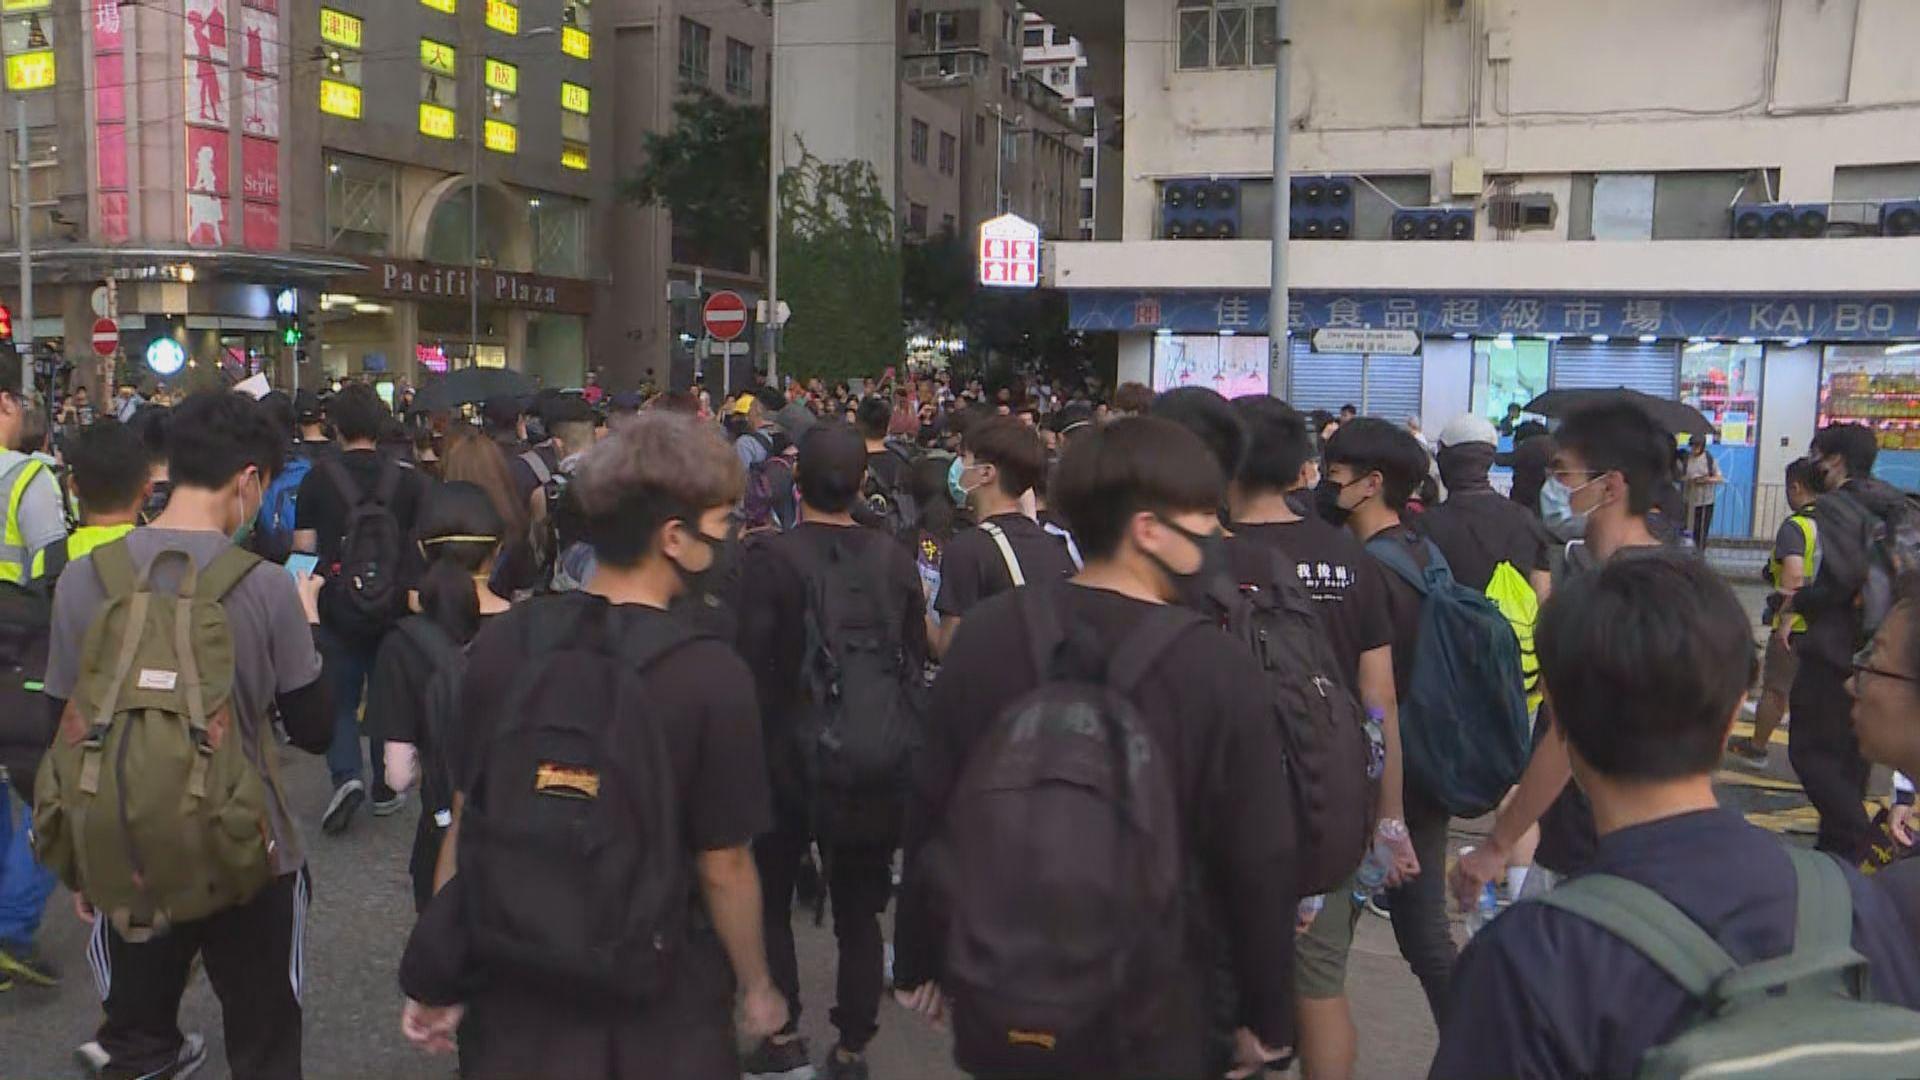 【港島西集會】示威者行出路面警放催淚彈驅散